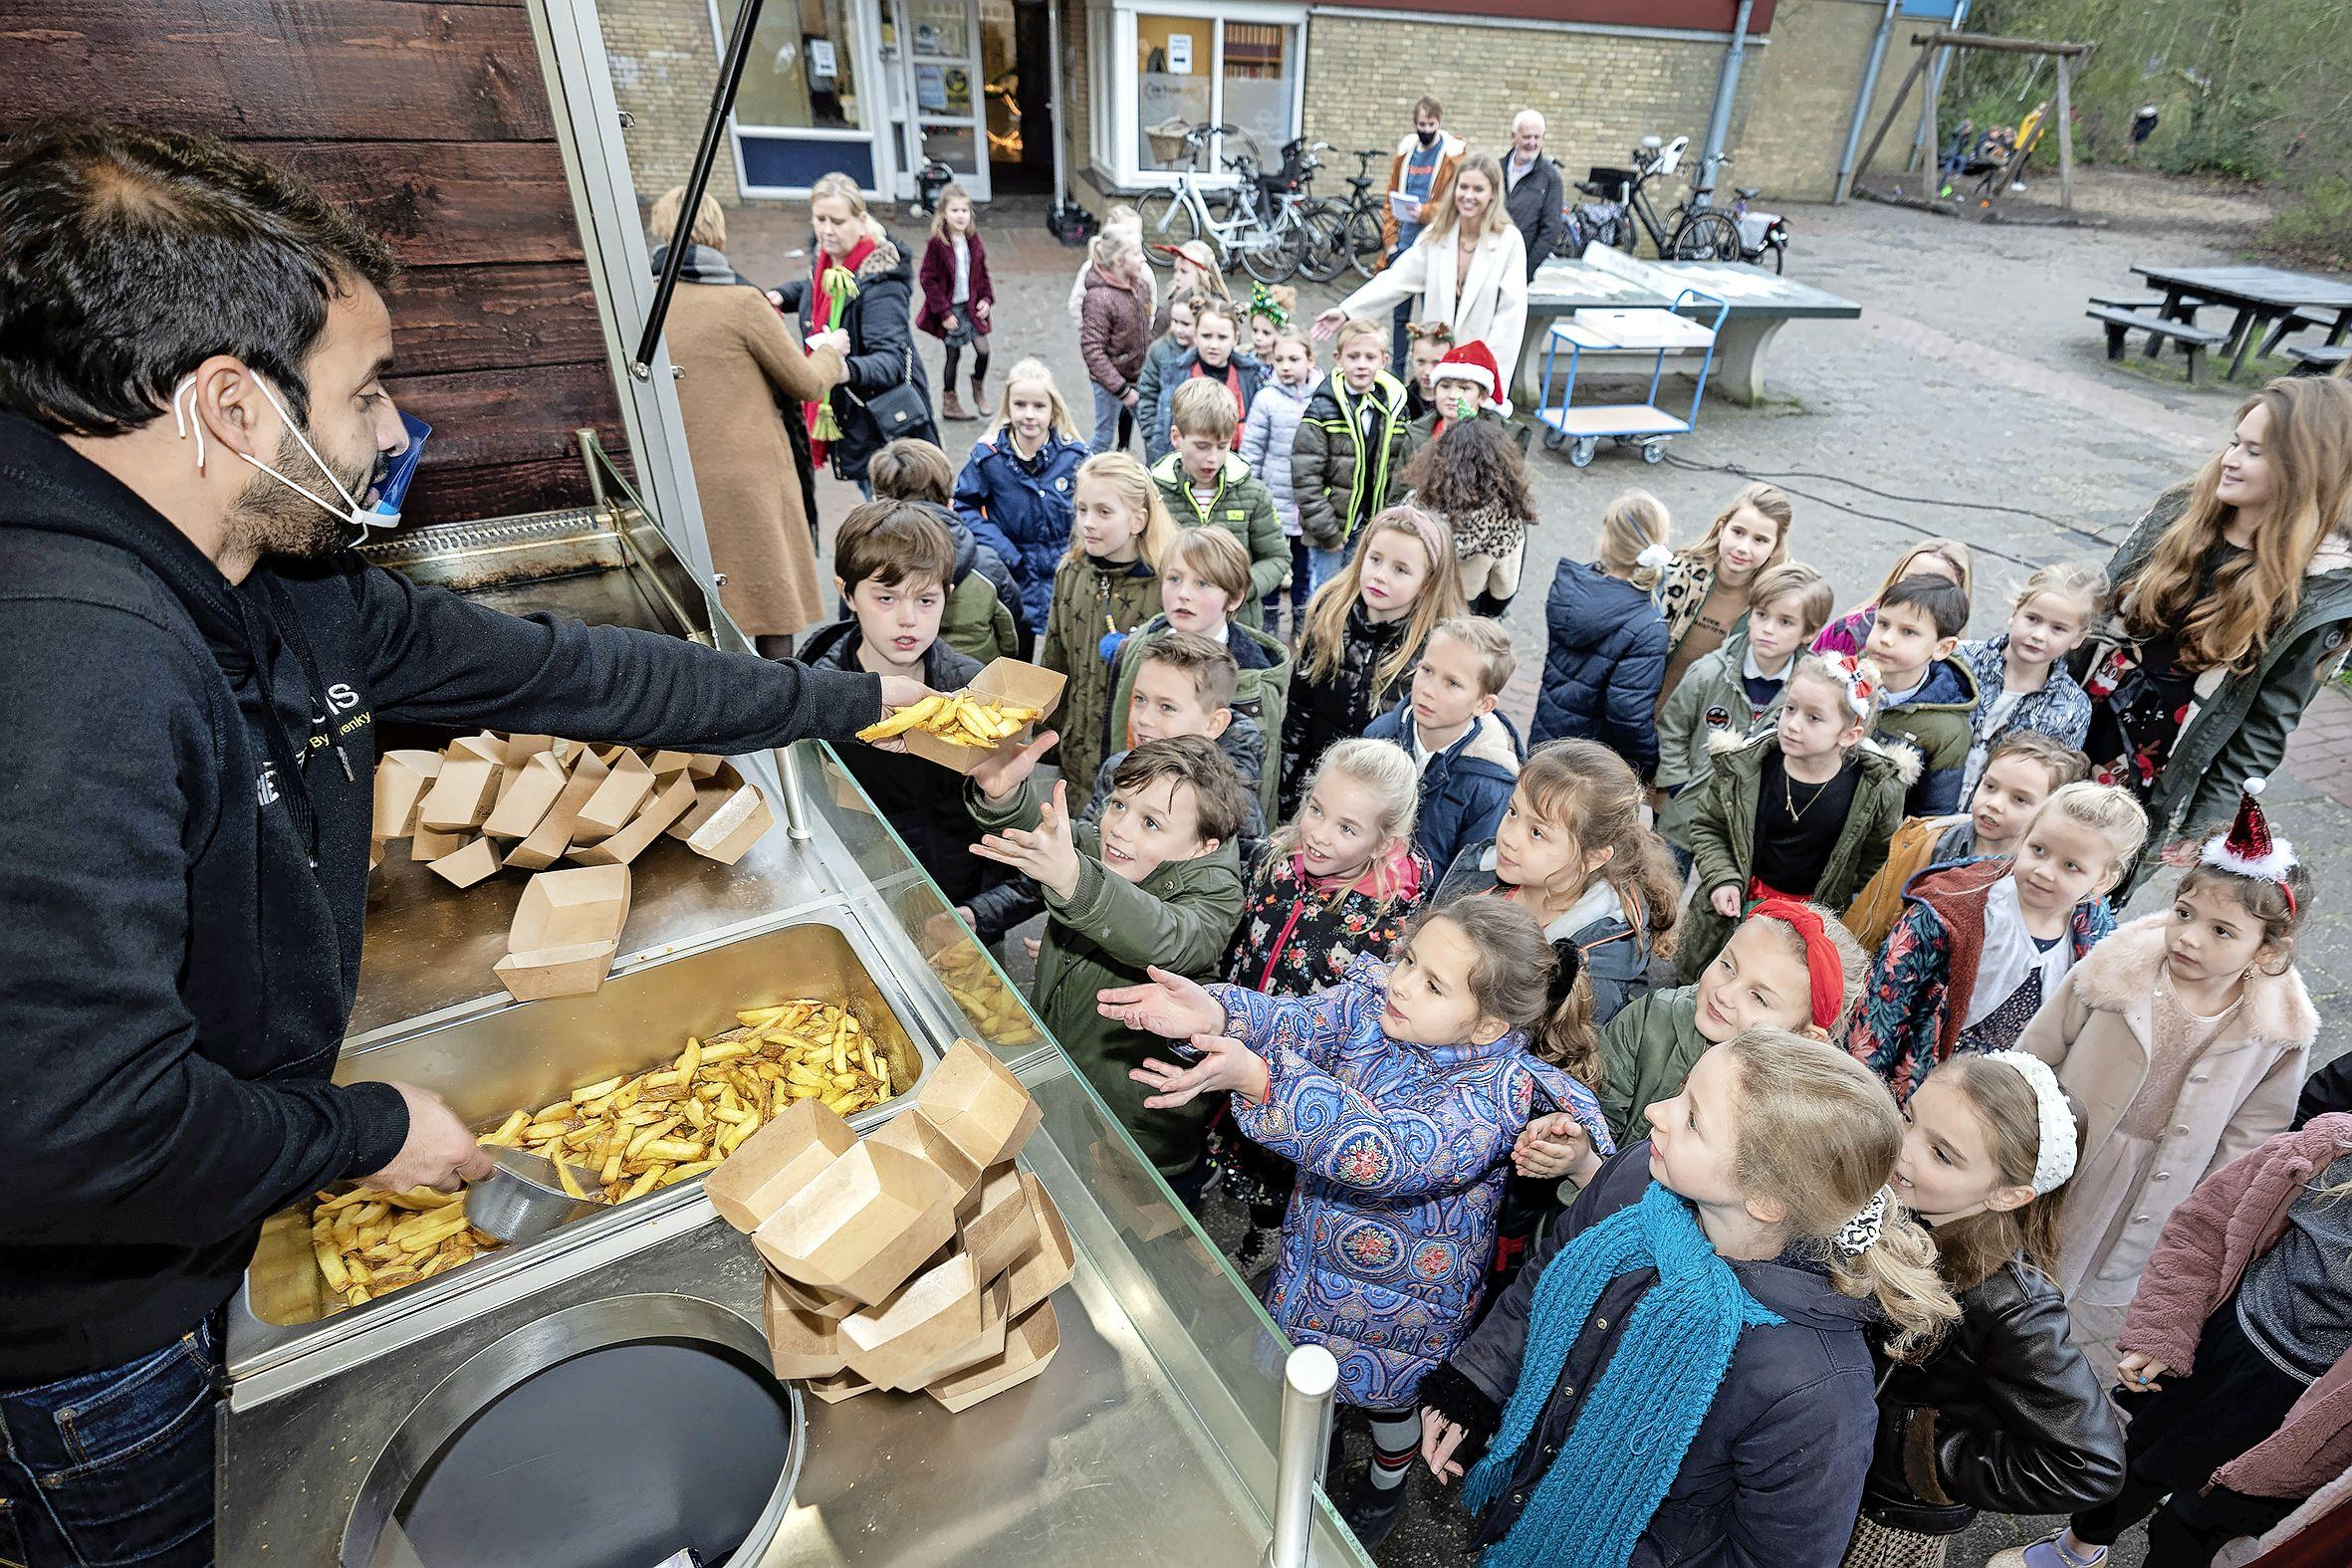 Mobiele patatzaak Driehuizer Friethuis van Henk van der Valk staat tegenwoordig ook in Oud-IJmuiden en bij bedrijven. 'We blijven ondanks de corona optimistisch'